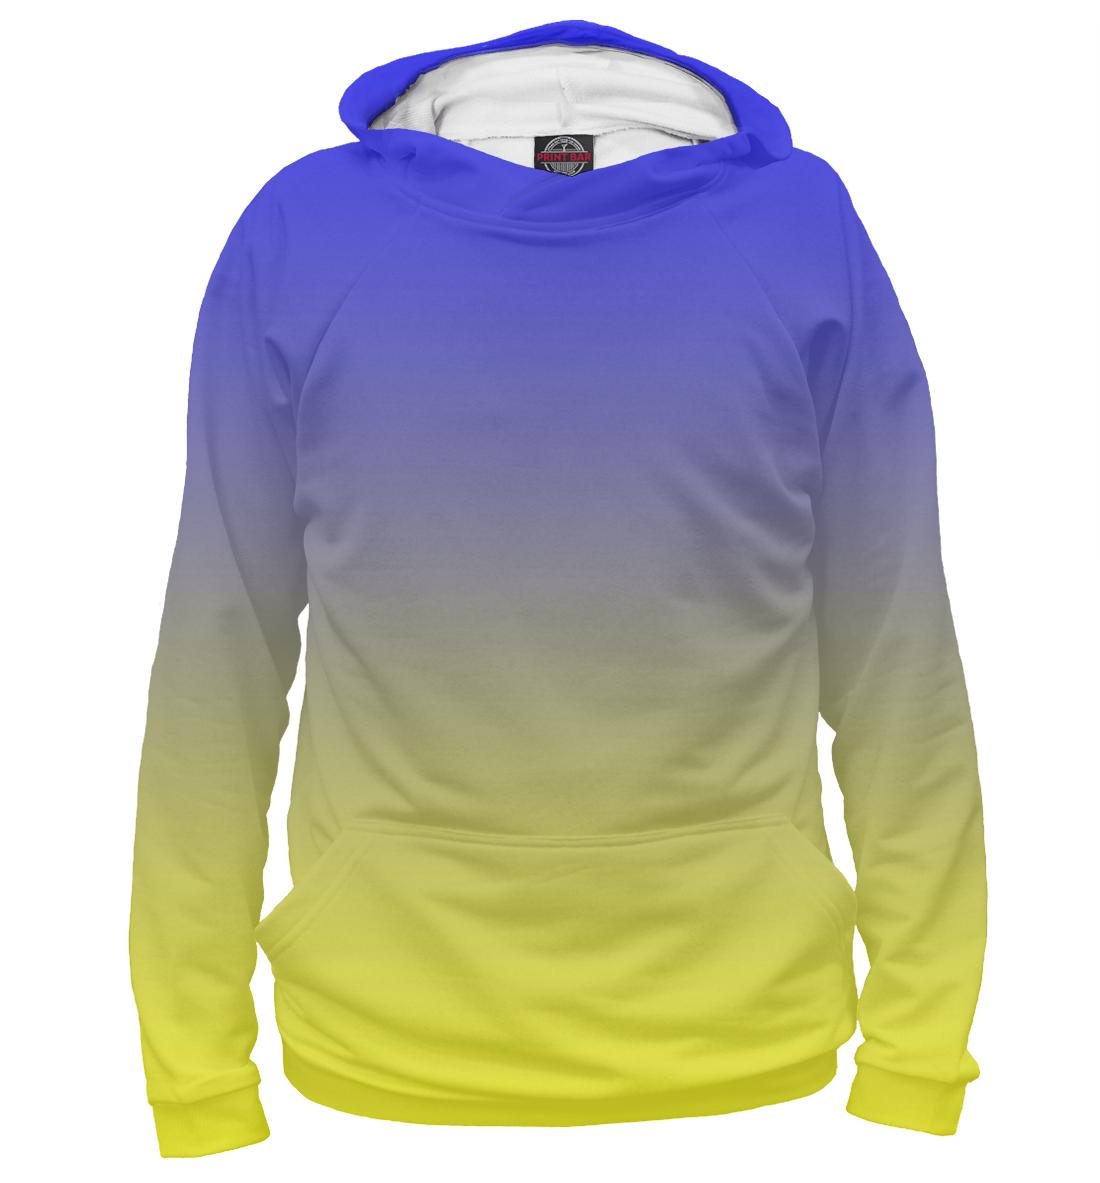 Купить Градиент: Синий в Желтый, Printbar, Худи, CLR-823620-hud-1